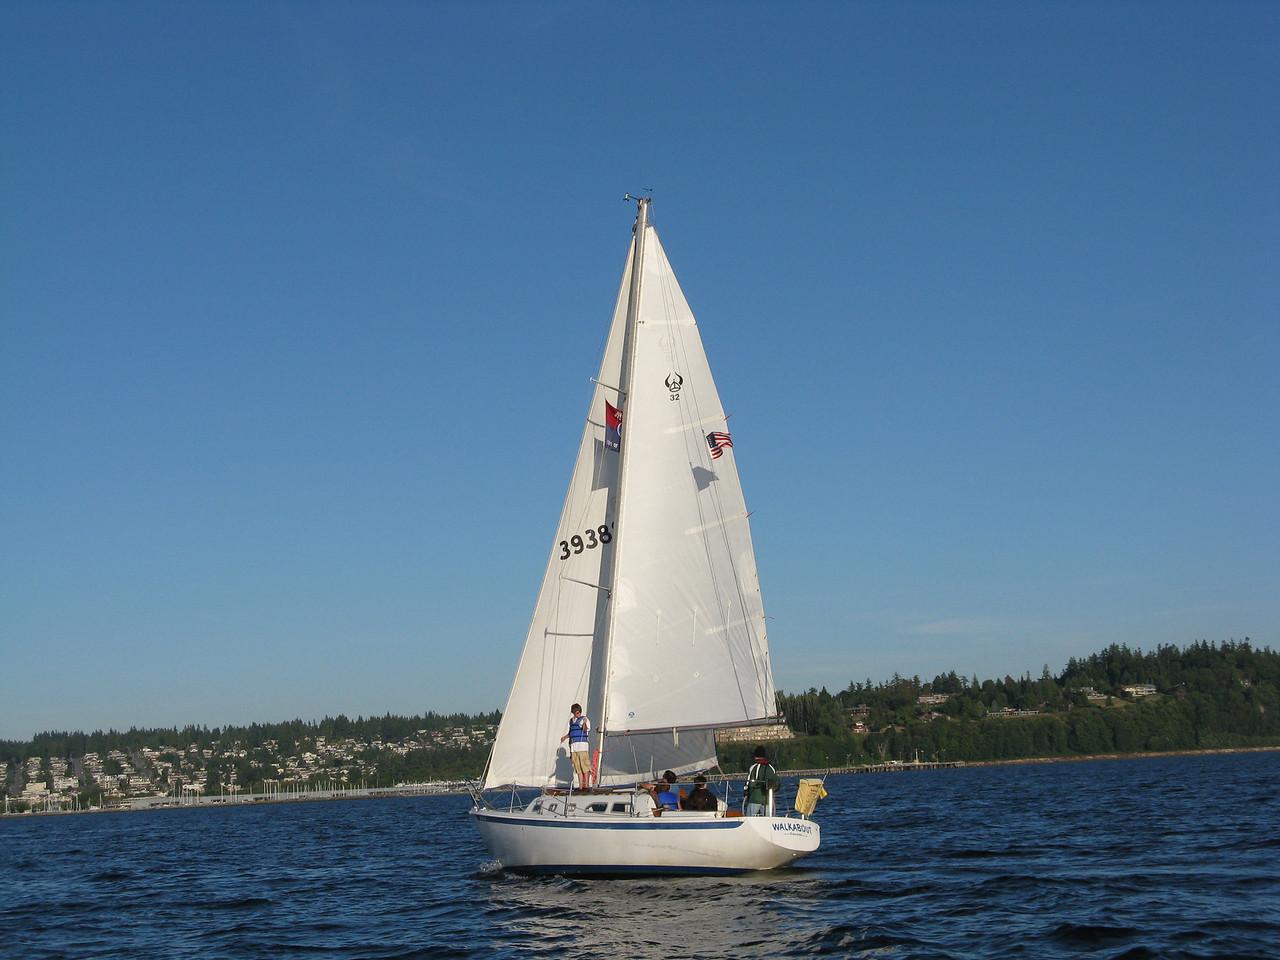 08 08 13 Sail 003